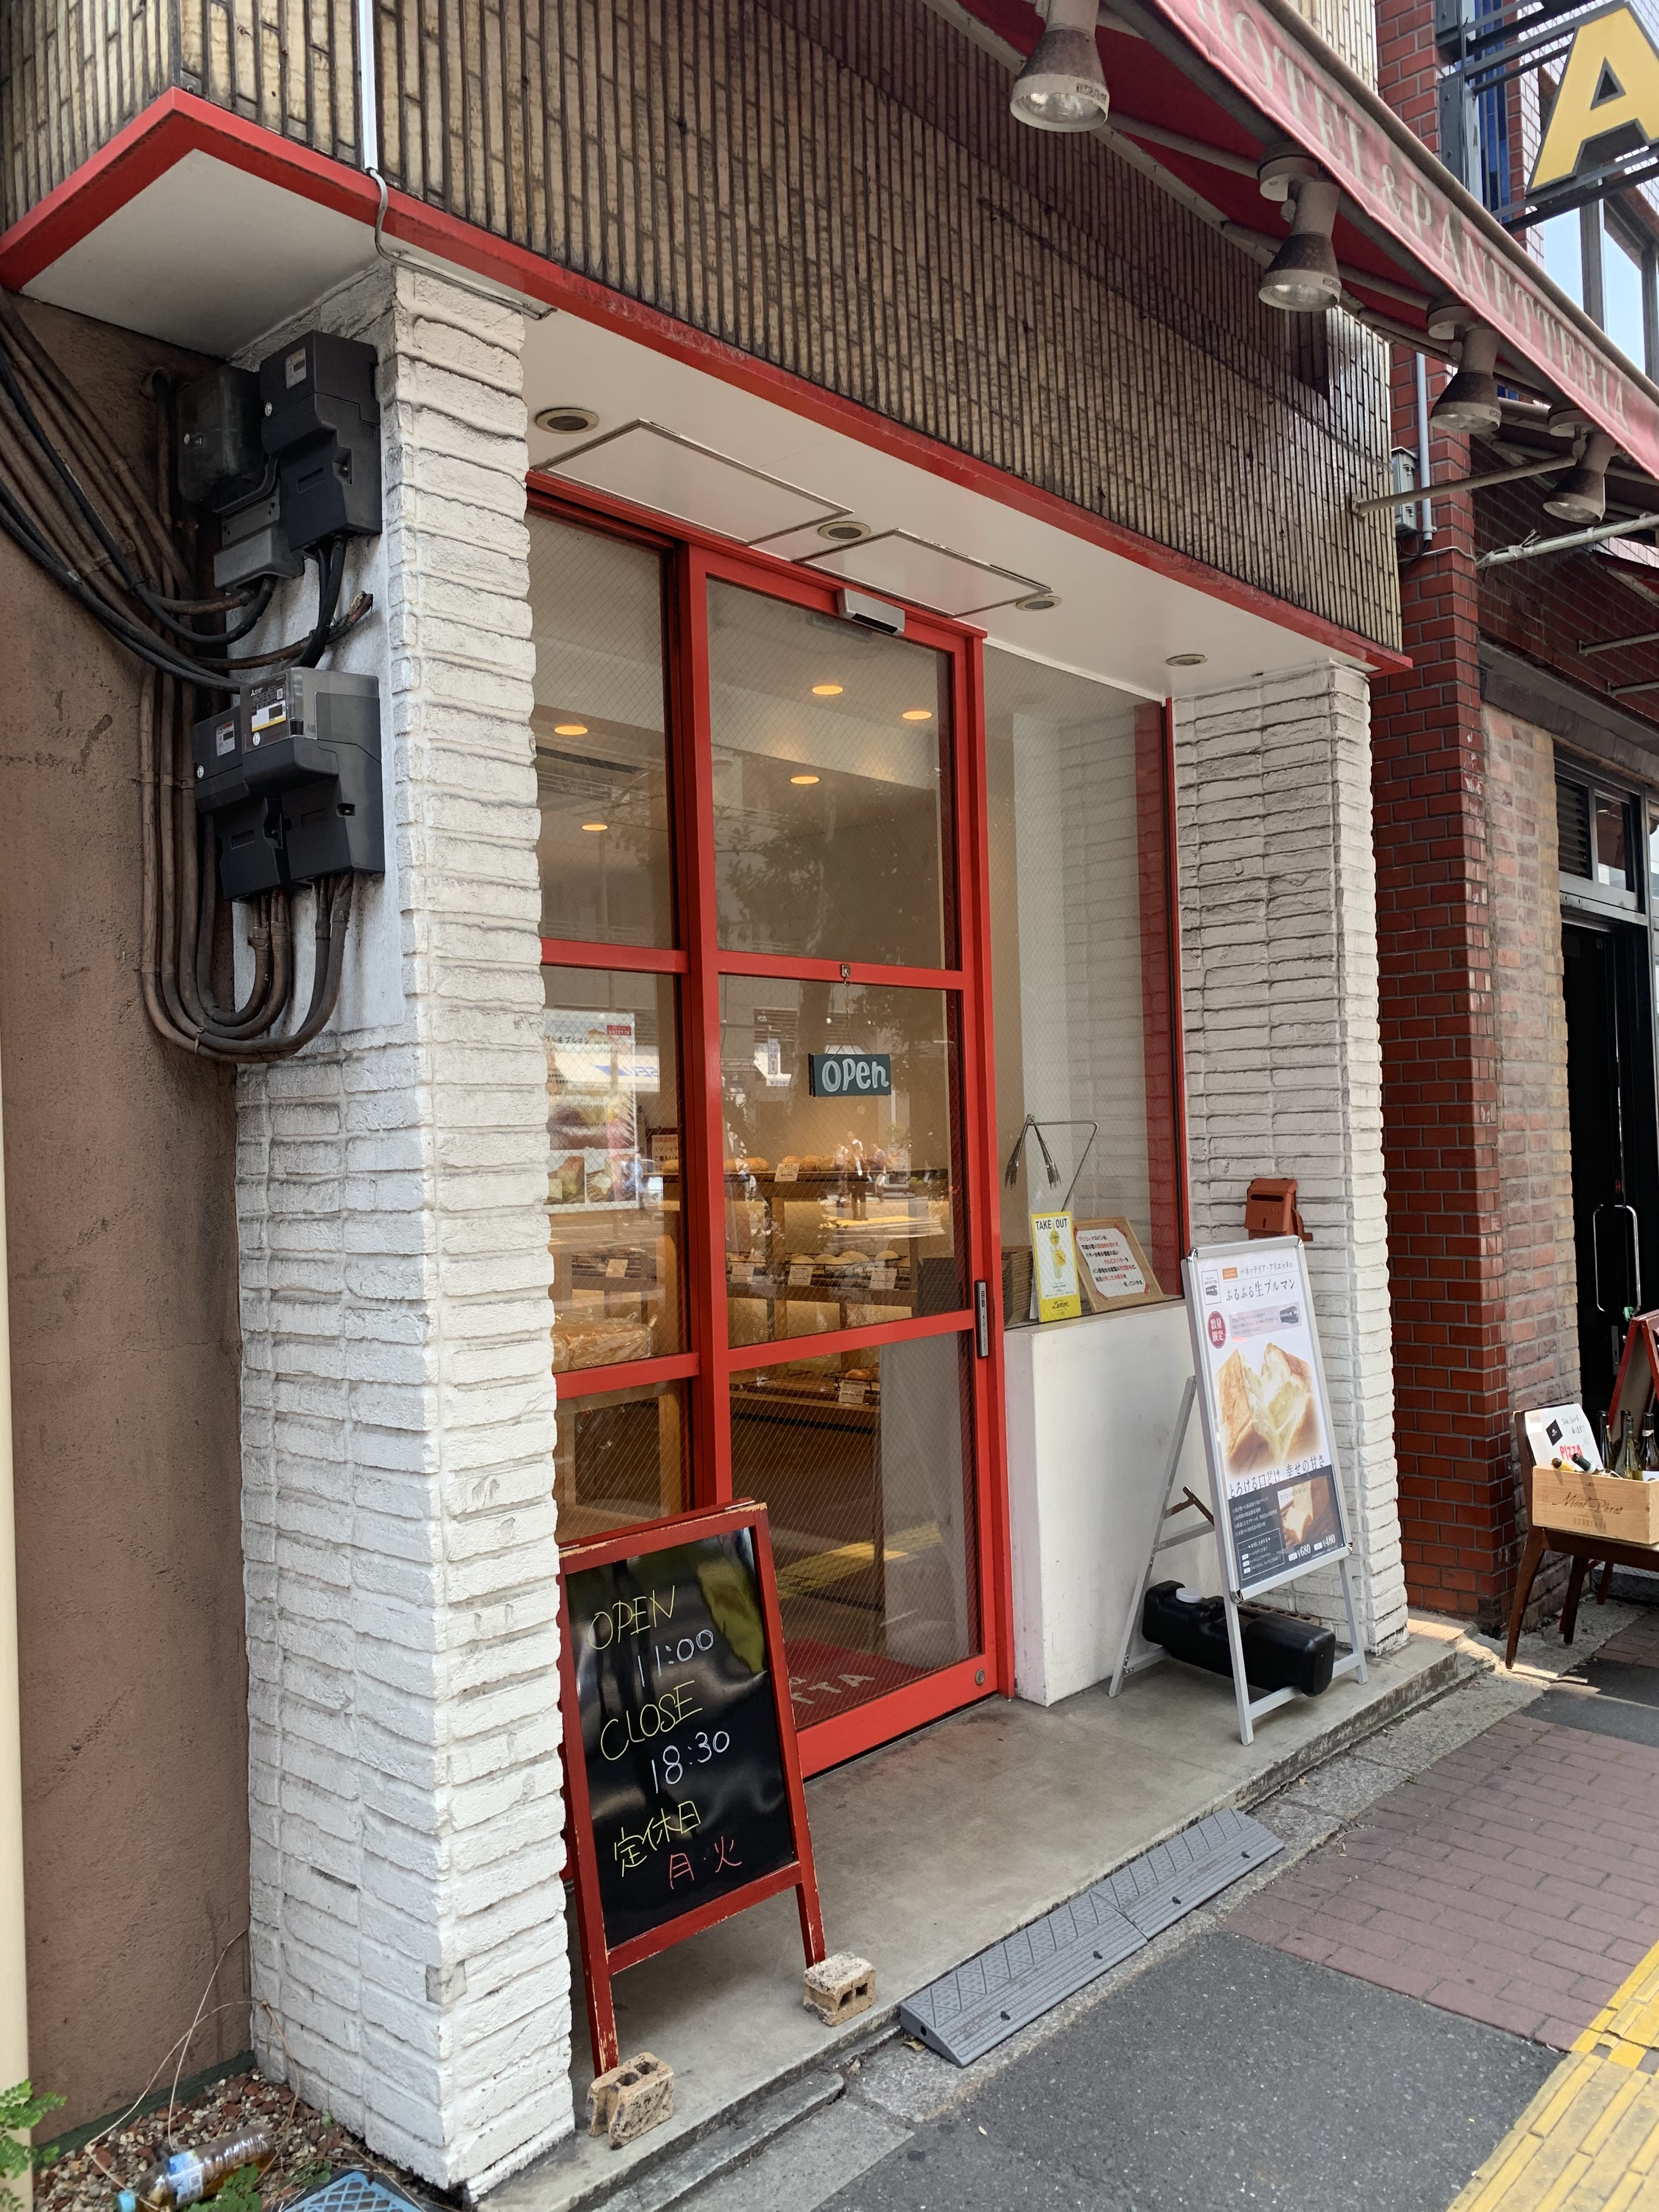 【五反田】パネッテリア・アリエッタ/ソニー通り沿い、ホテルのパン屋。小さいお店で種類控えめ、でも満足のラインナップ。